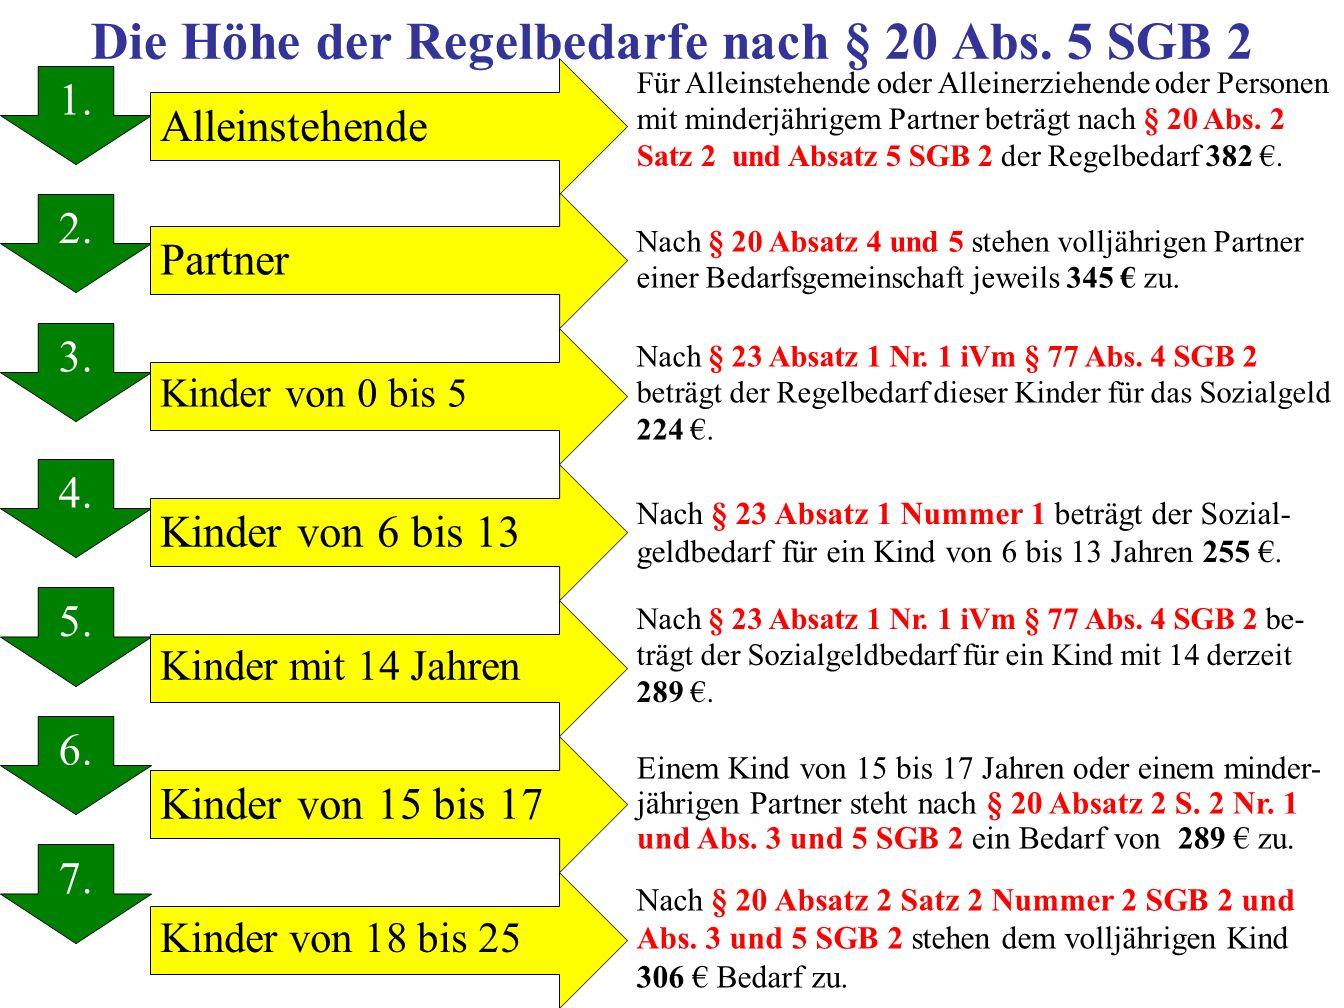 Die Höhe der Regelbedarfe nach § 20 Abs. 5 SGB 2